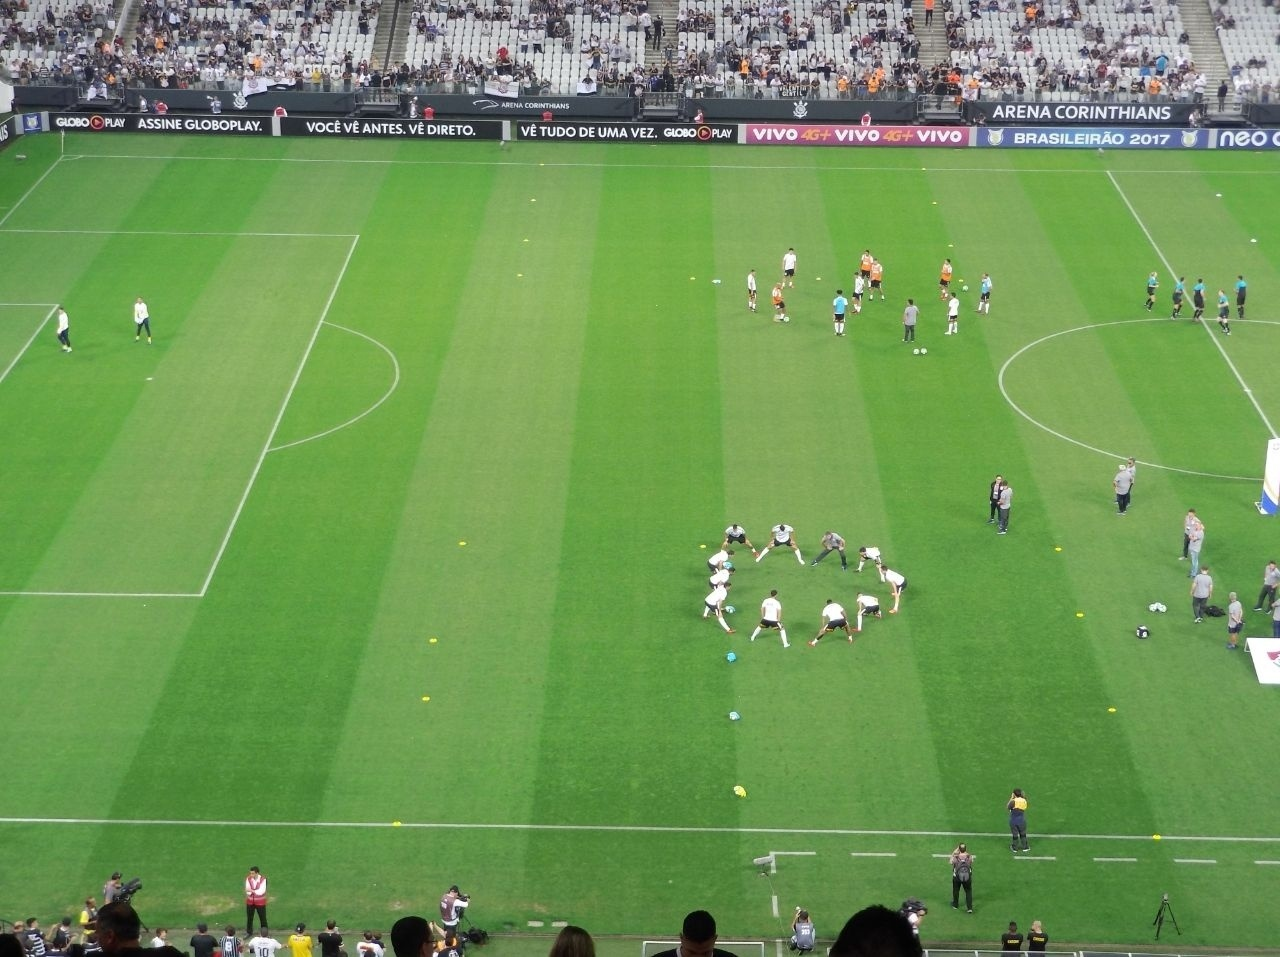 Elenco do Corinthians aquece no gramado da Arena